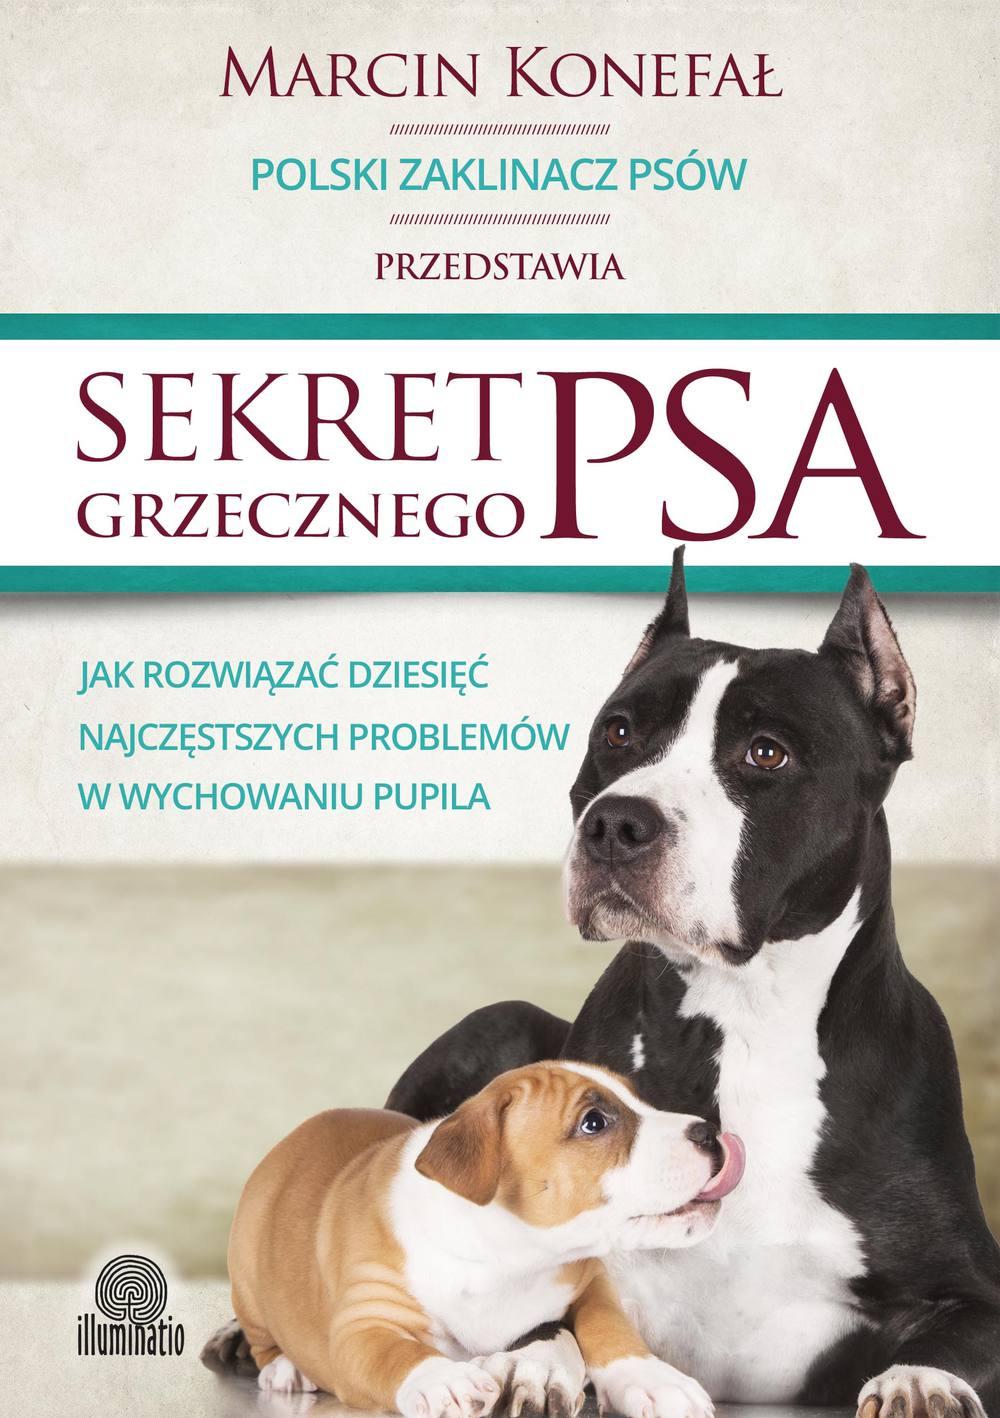 Sekret grzecznego psa. Jak rozwiązać dziesięć najczęstszych problemów w wychowaniu pupila - Ebook (Książka na Kindle) do pobrania w formacie MOBI